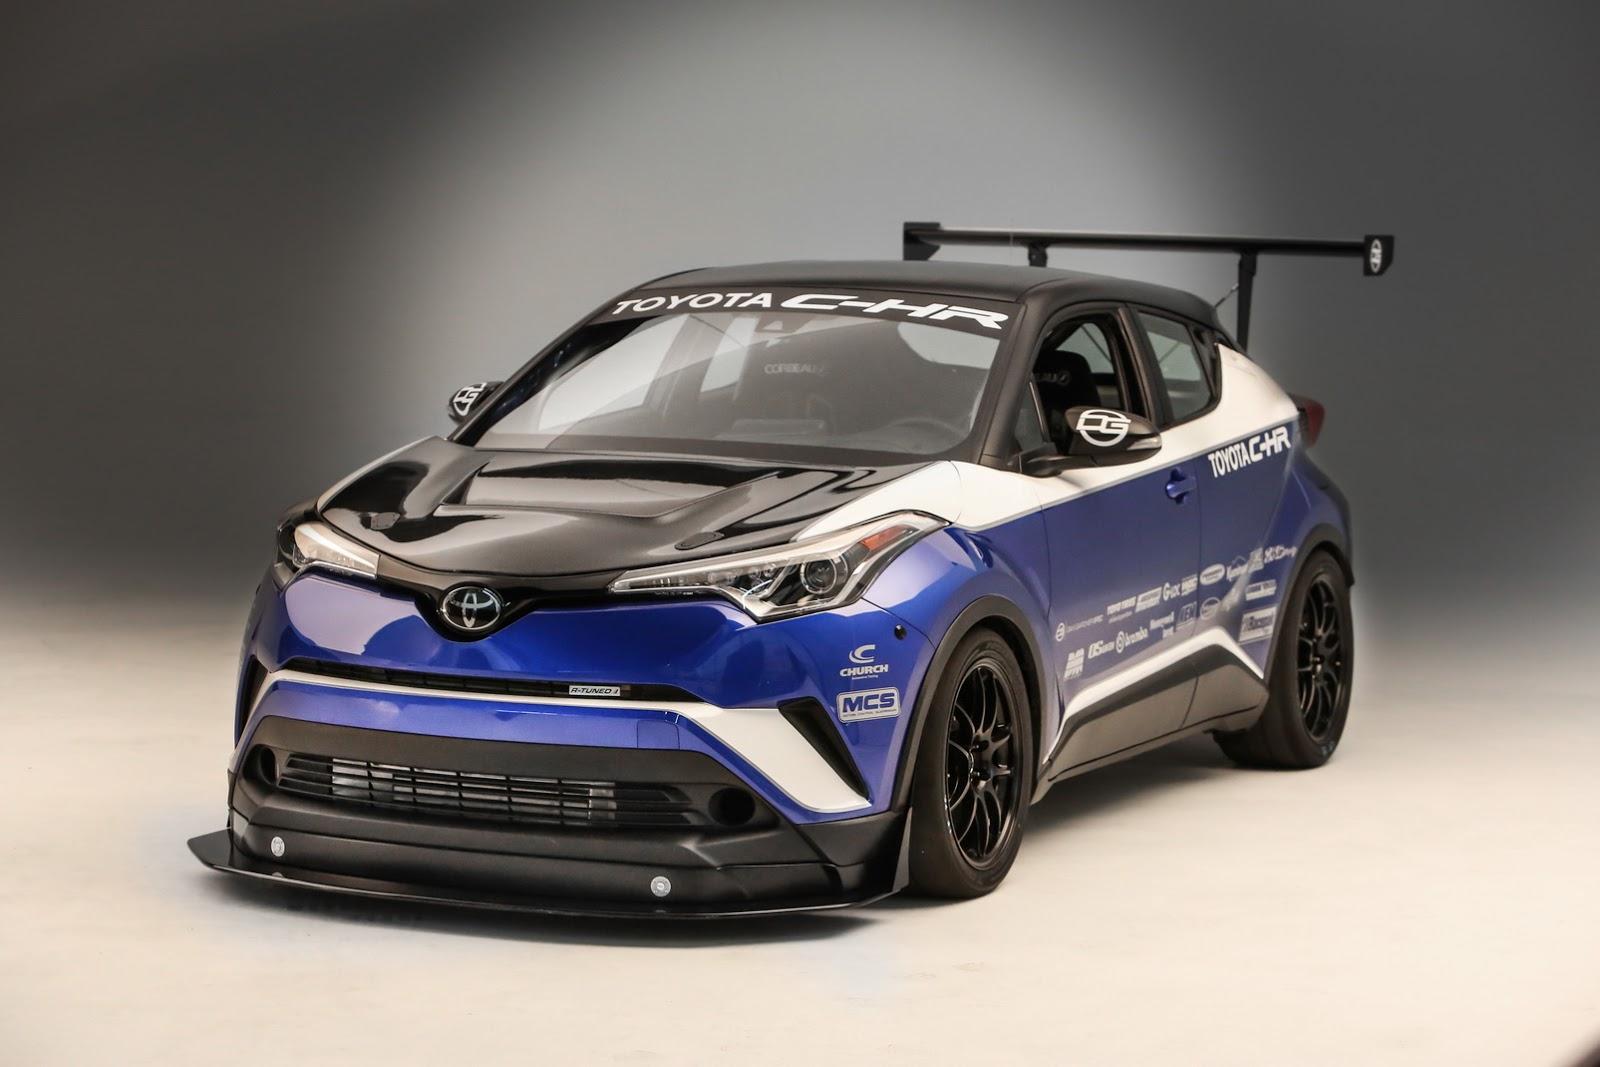 Modifikasi Toyota C HR Diklaim Lebih Kencang Dari McLaren 650S